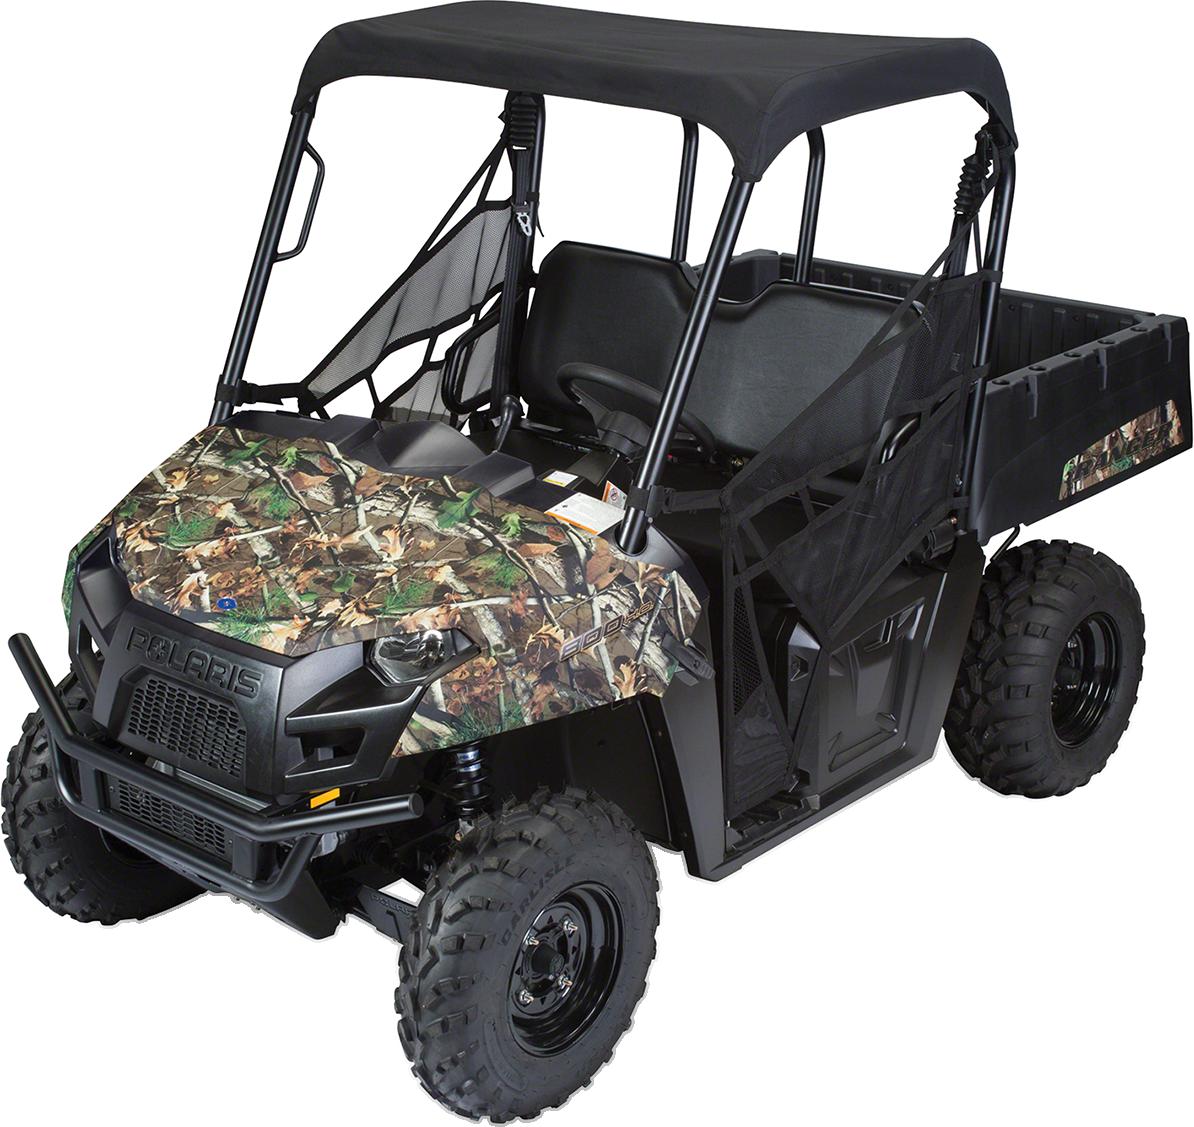 Classic Accessories Black Roof Cap for 15-17 Mid Size Polaris Ranger 400